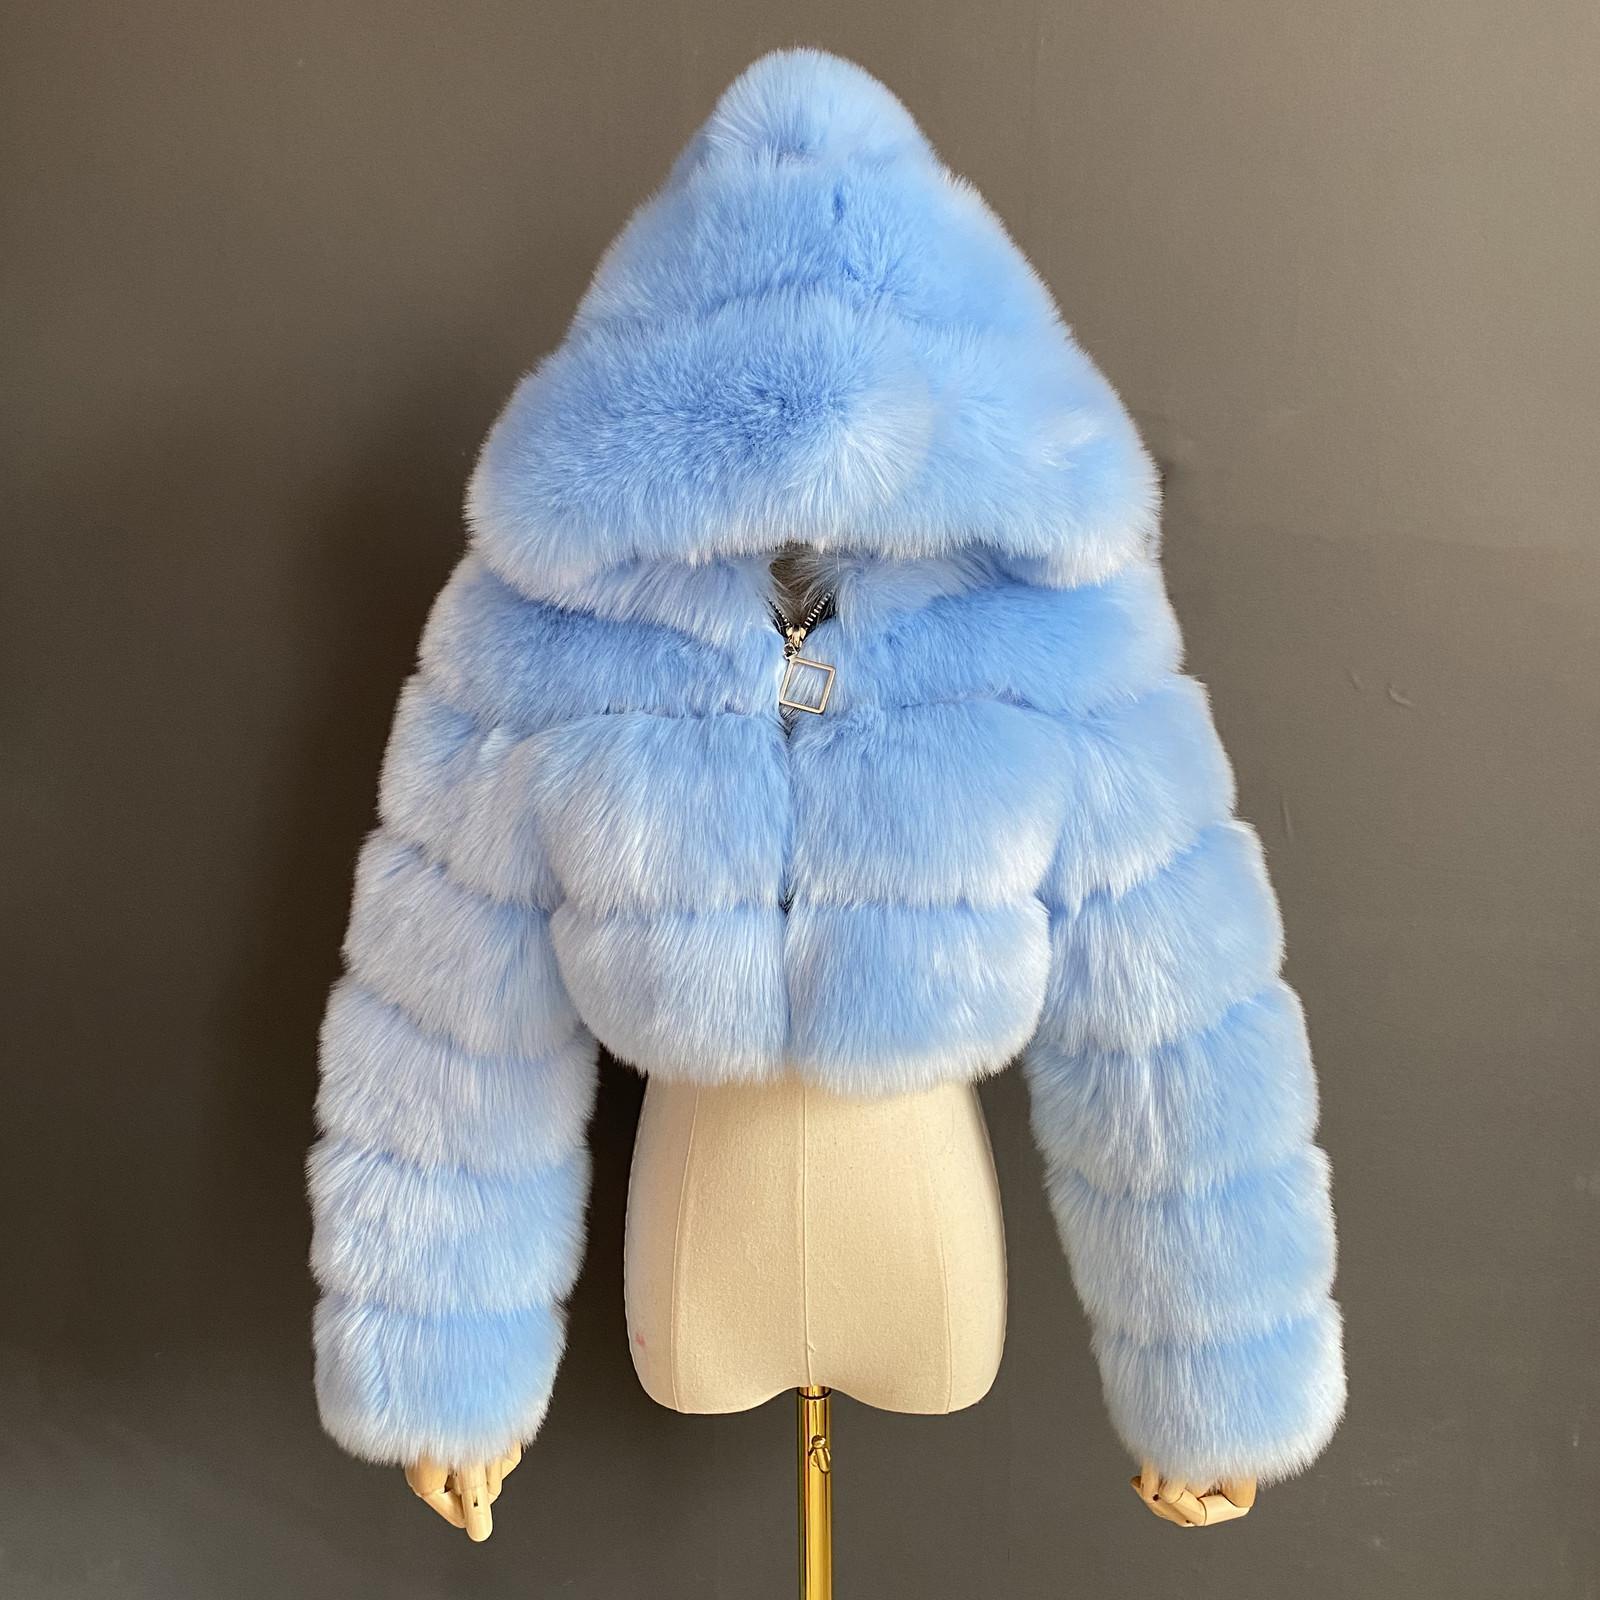 Hohe Qualität Getreide Pelz Faux Pelzmäntel Und Jacken Frauen Flaumy Top Mantel Mit Haube Winter Pelzjacke Mantel Weibliche 1017